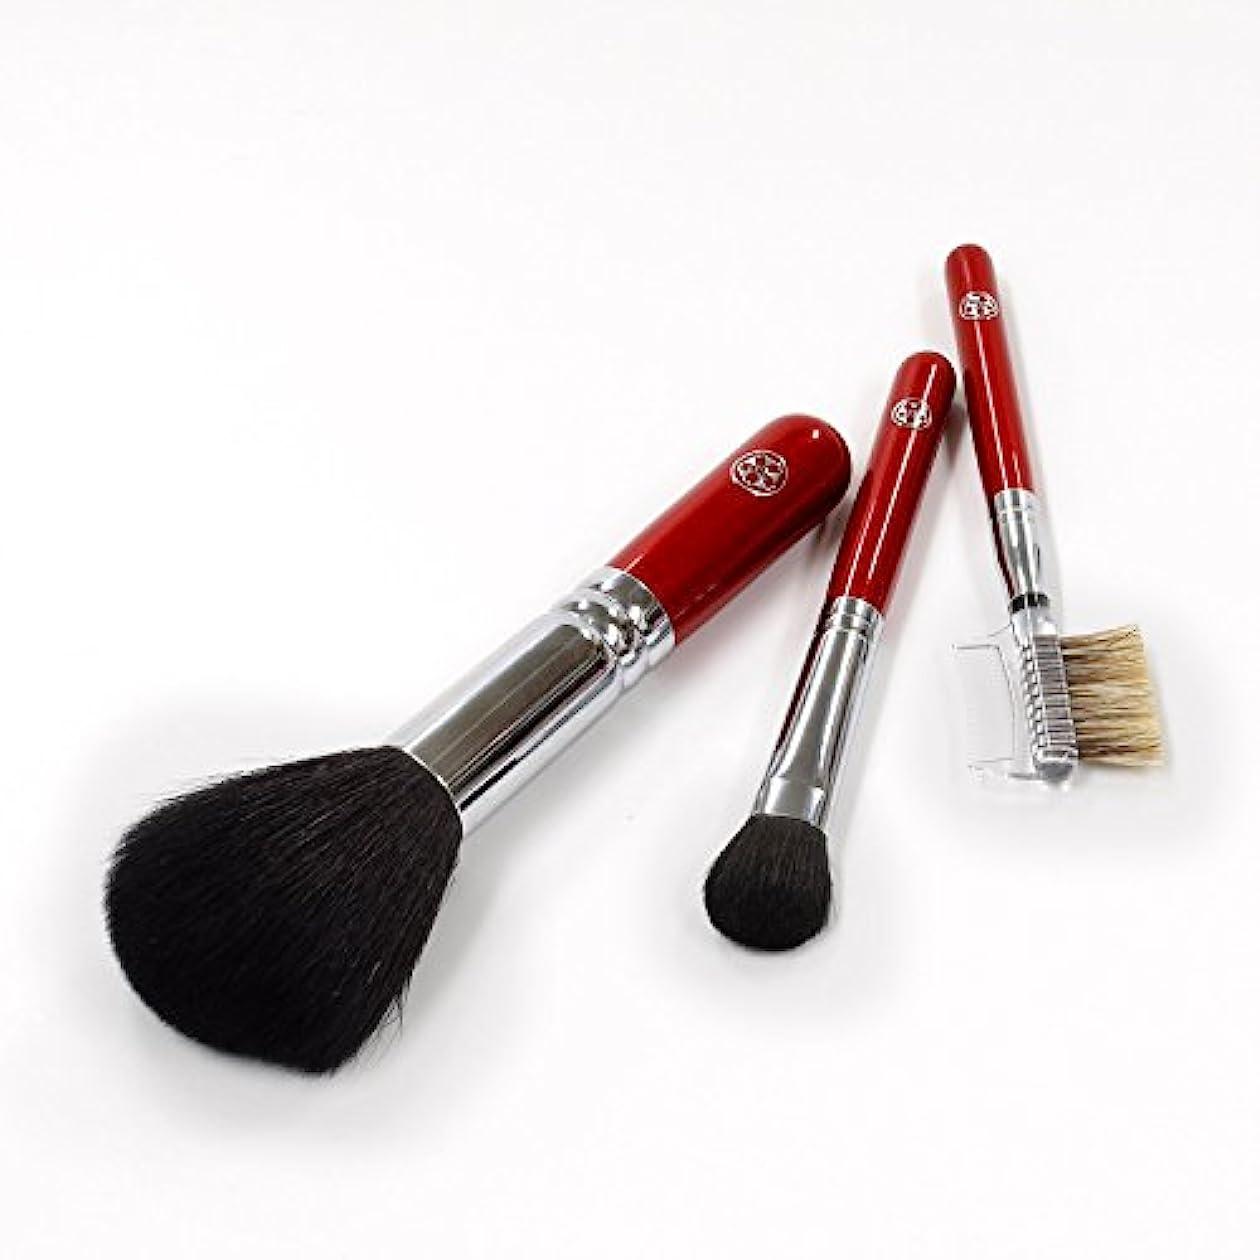 言語単調なリズムARRS-S3さくら筆 まずはこの3本から 基本の化粧筆 3本セット パウダー アイシャドー ブラシ&コーム 六角館さくら堂 ロゴ入り 女性の手になじみやすい赤軸ショートタイプ 熊野筆